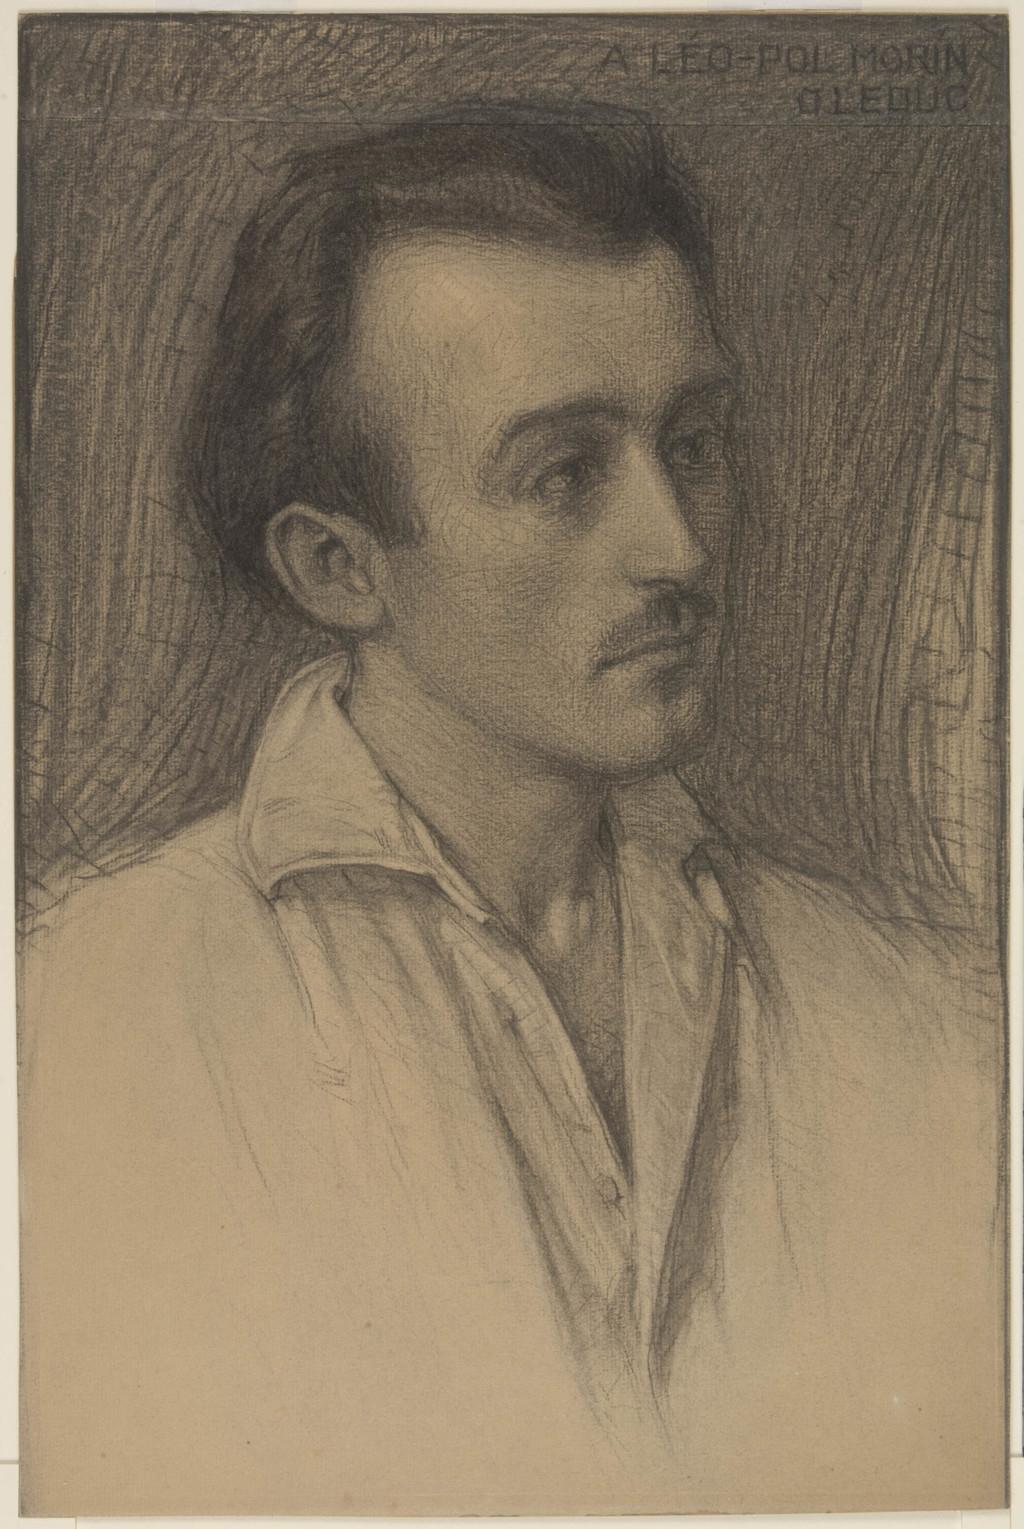 Léo-Pol Morin